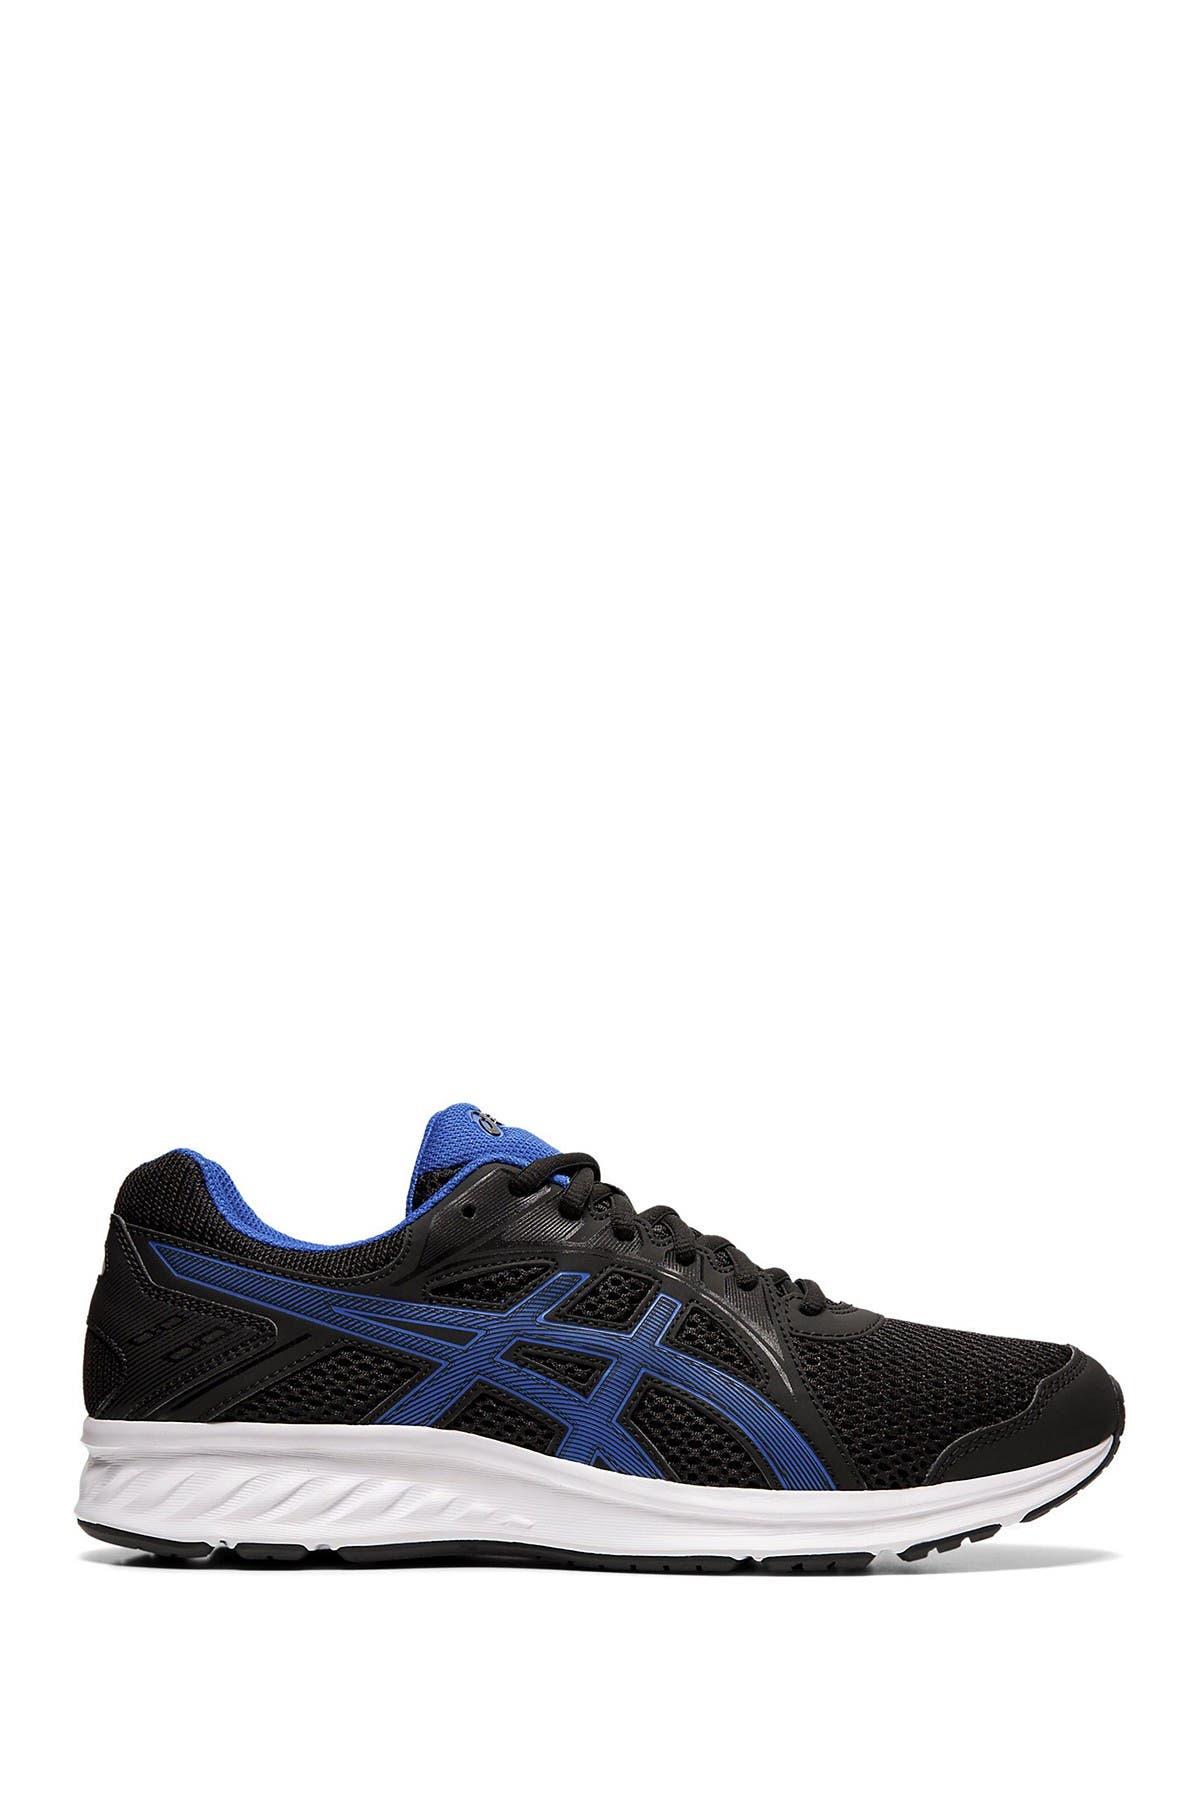 ASICS   Jolt 2 4E Running Sneaker